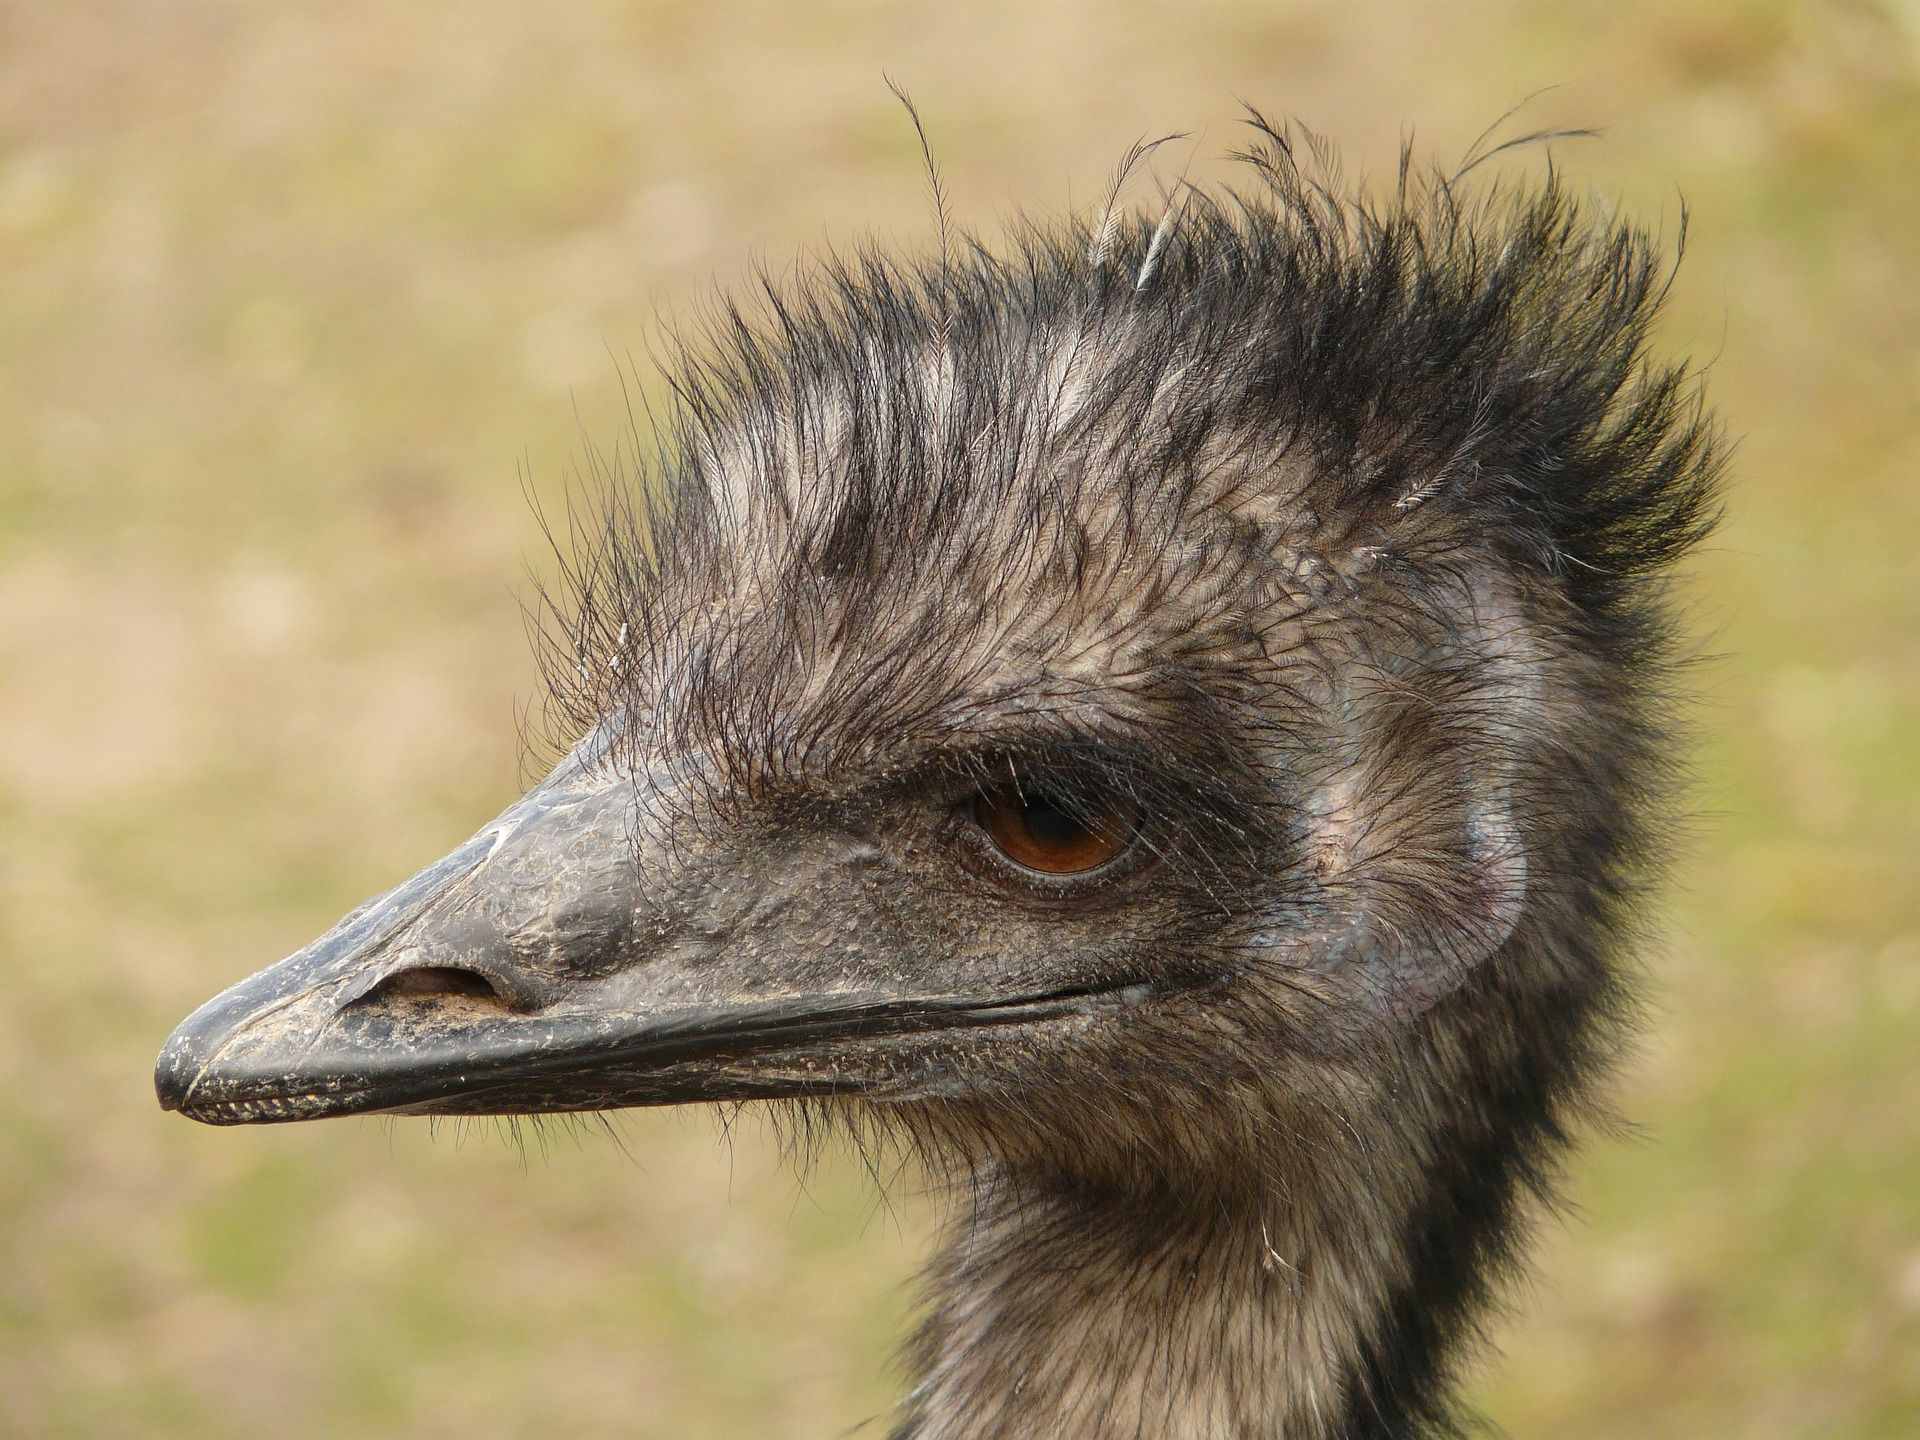 Смотреть лучшее фото страус эму на природе